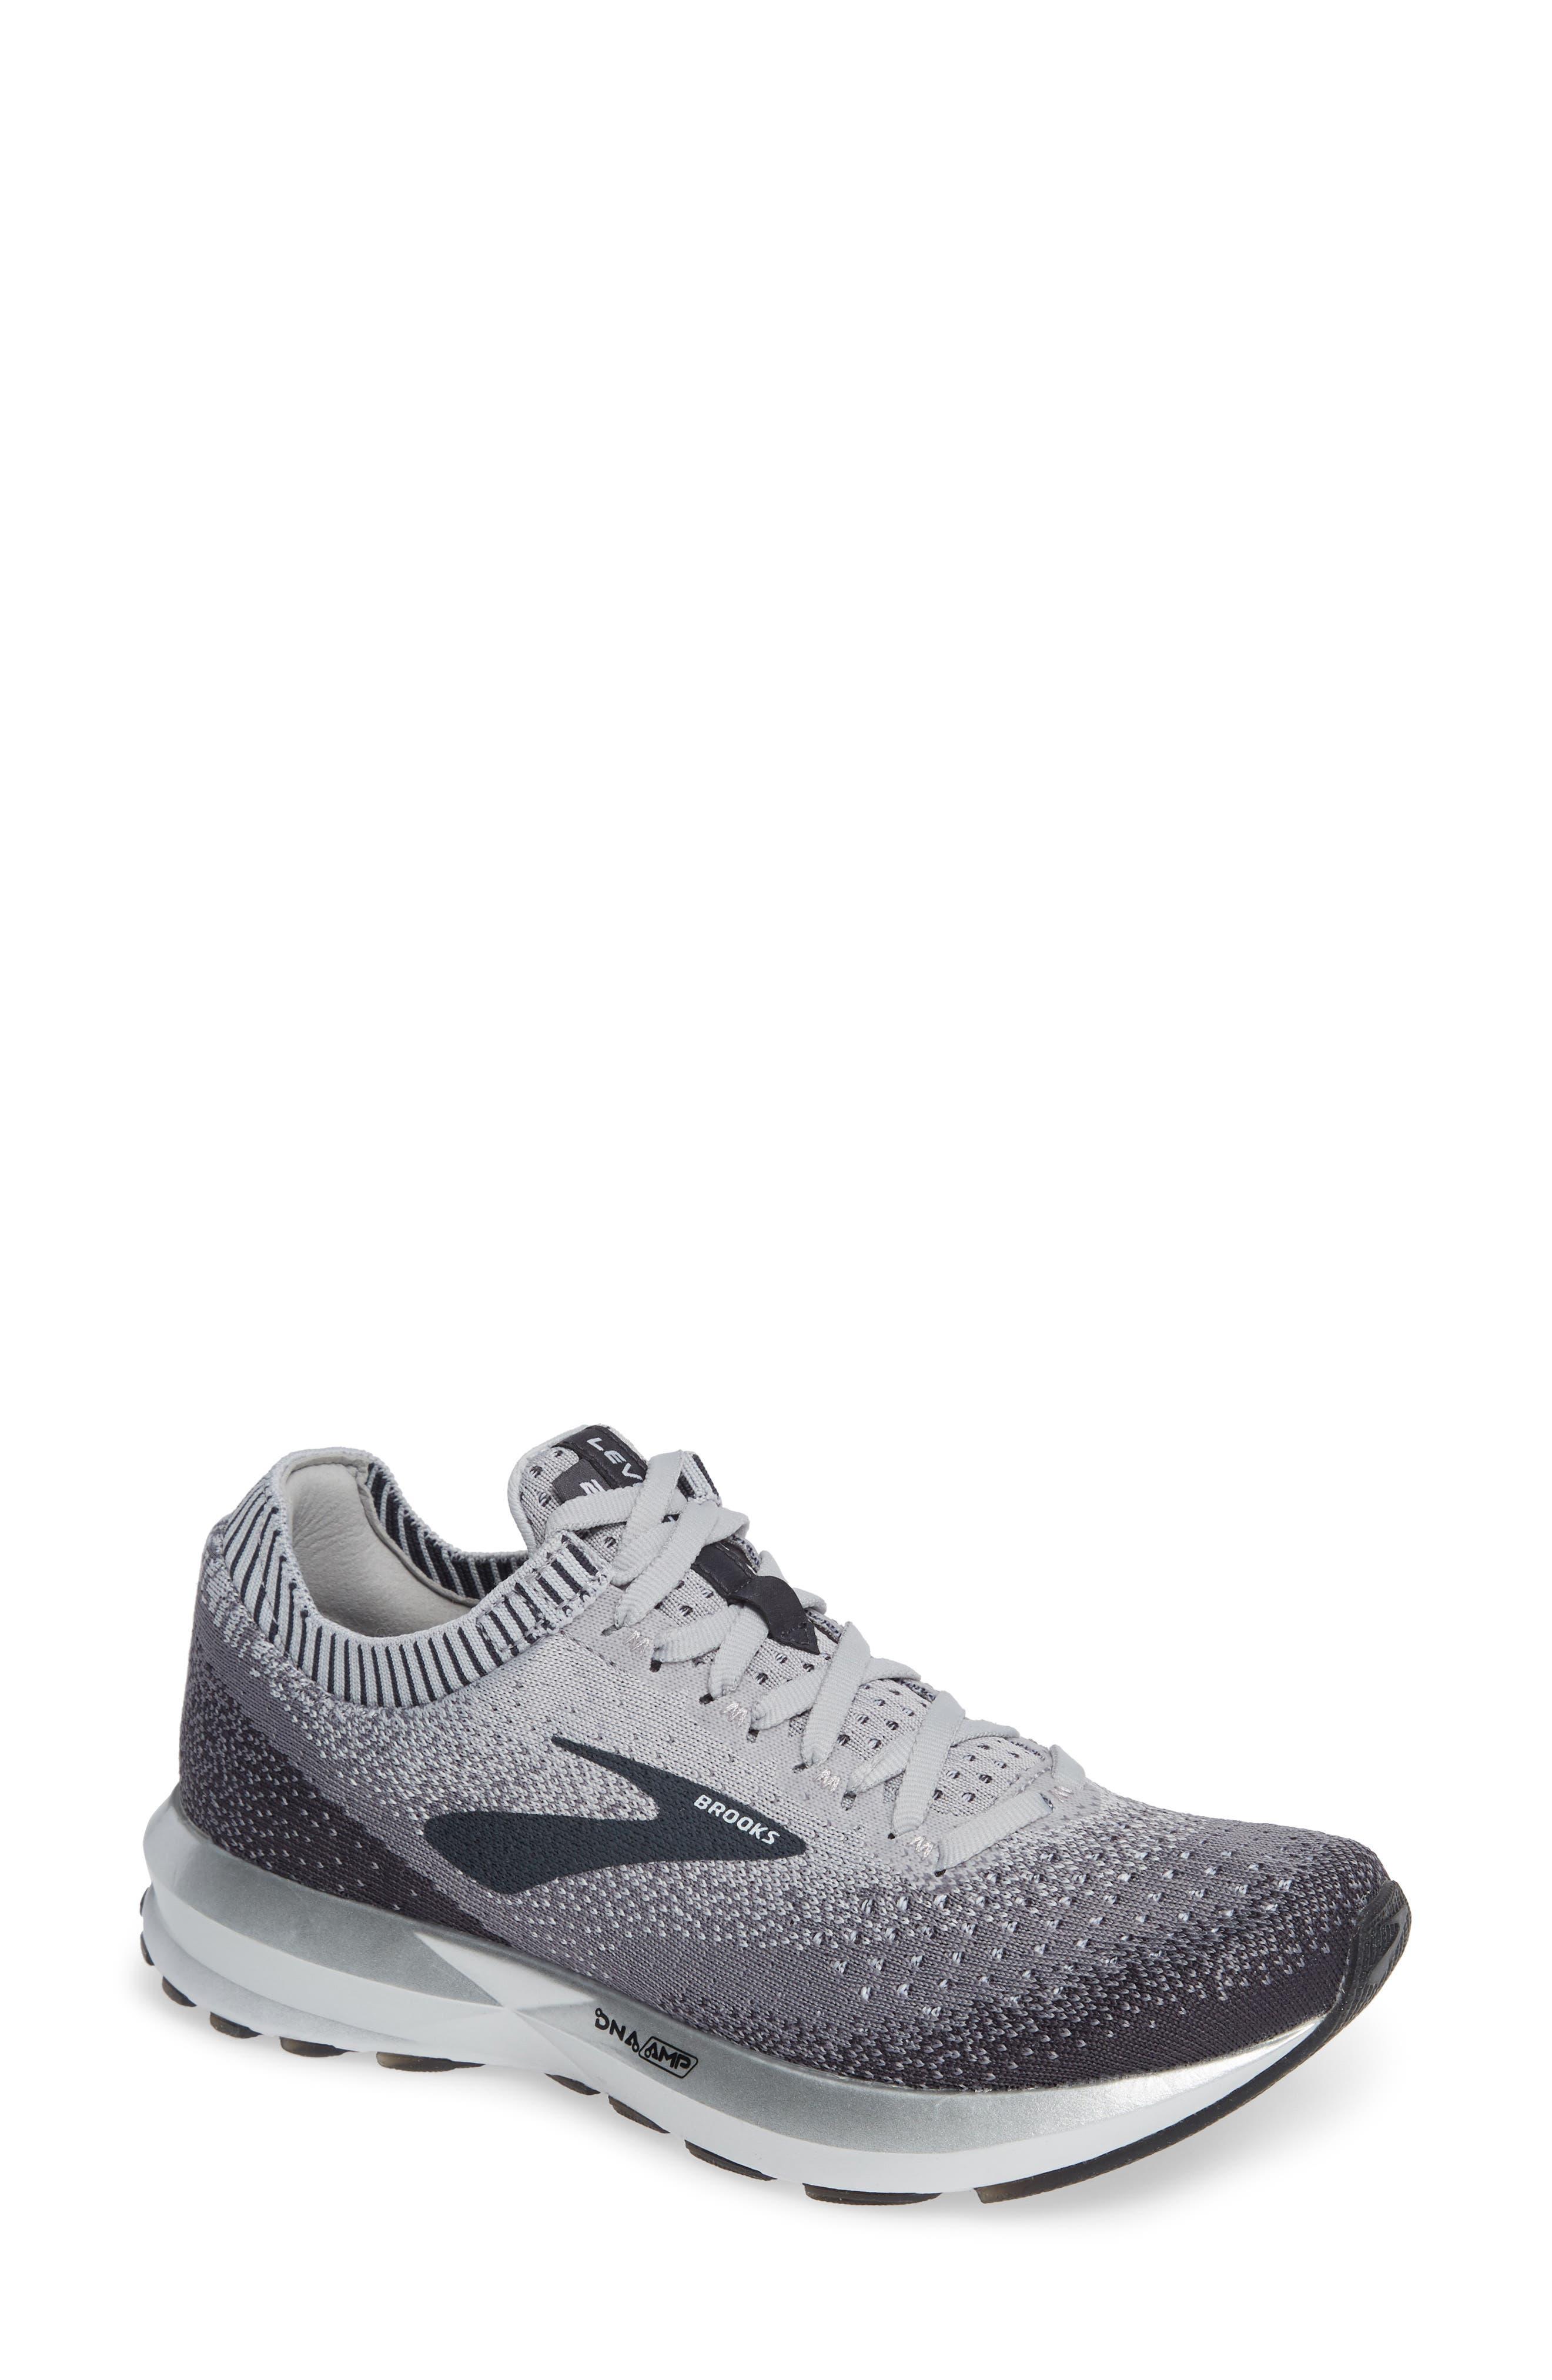 BROOKS Levitate 2 Running Shoe, Main, color, GREY/ EBONY/ WHITE